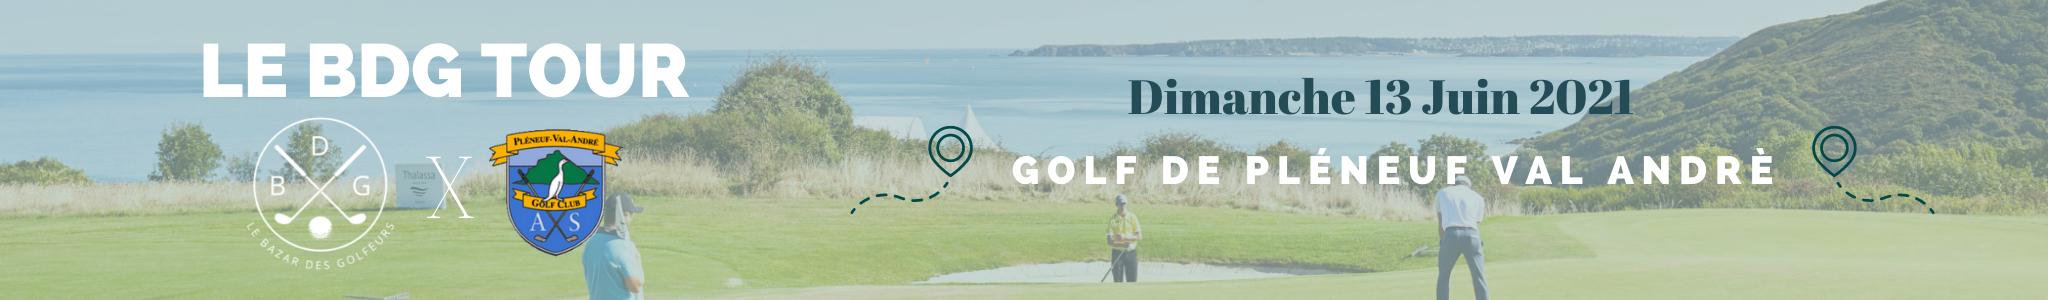 Compétition de golf BDG Tour